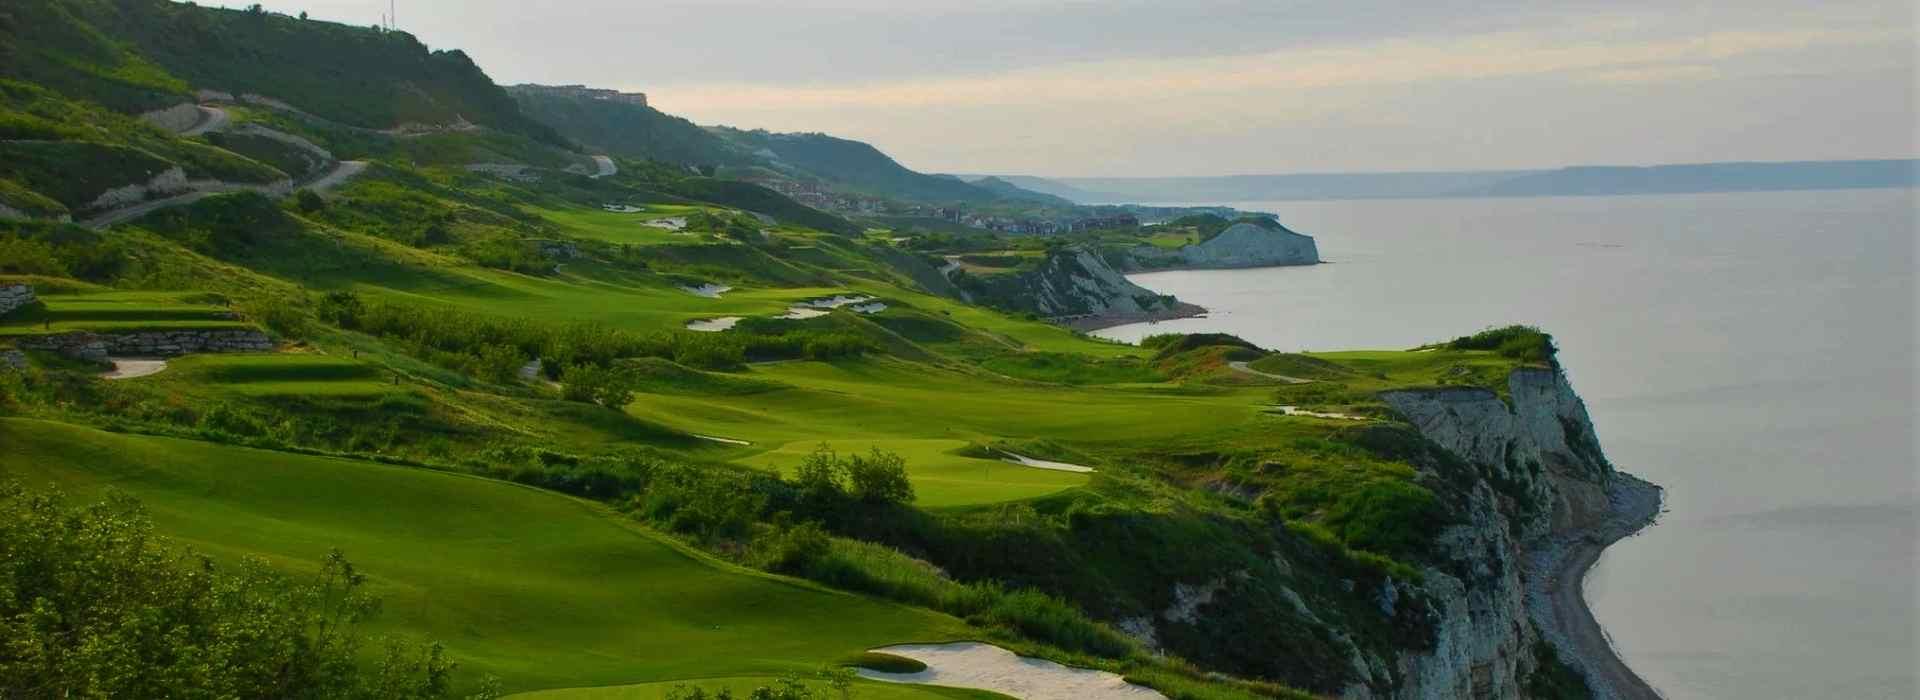 Болгария гольф клуб